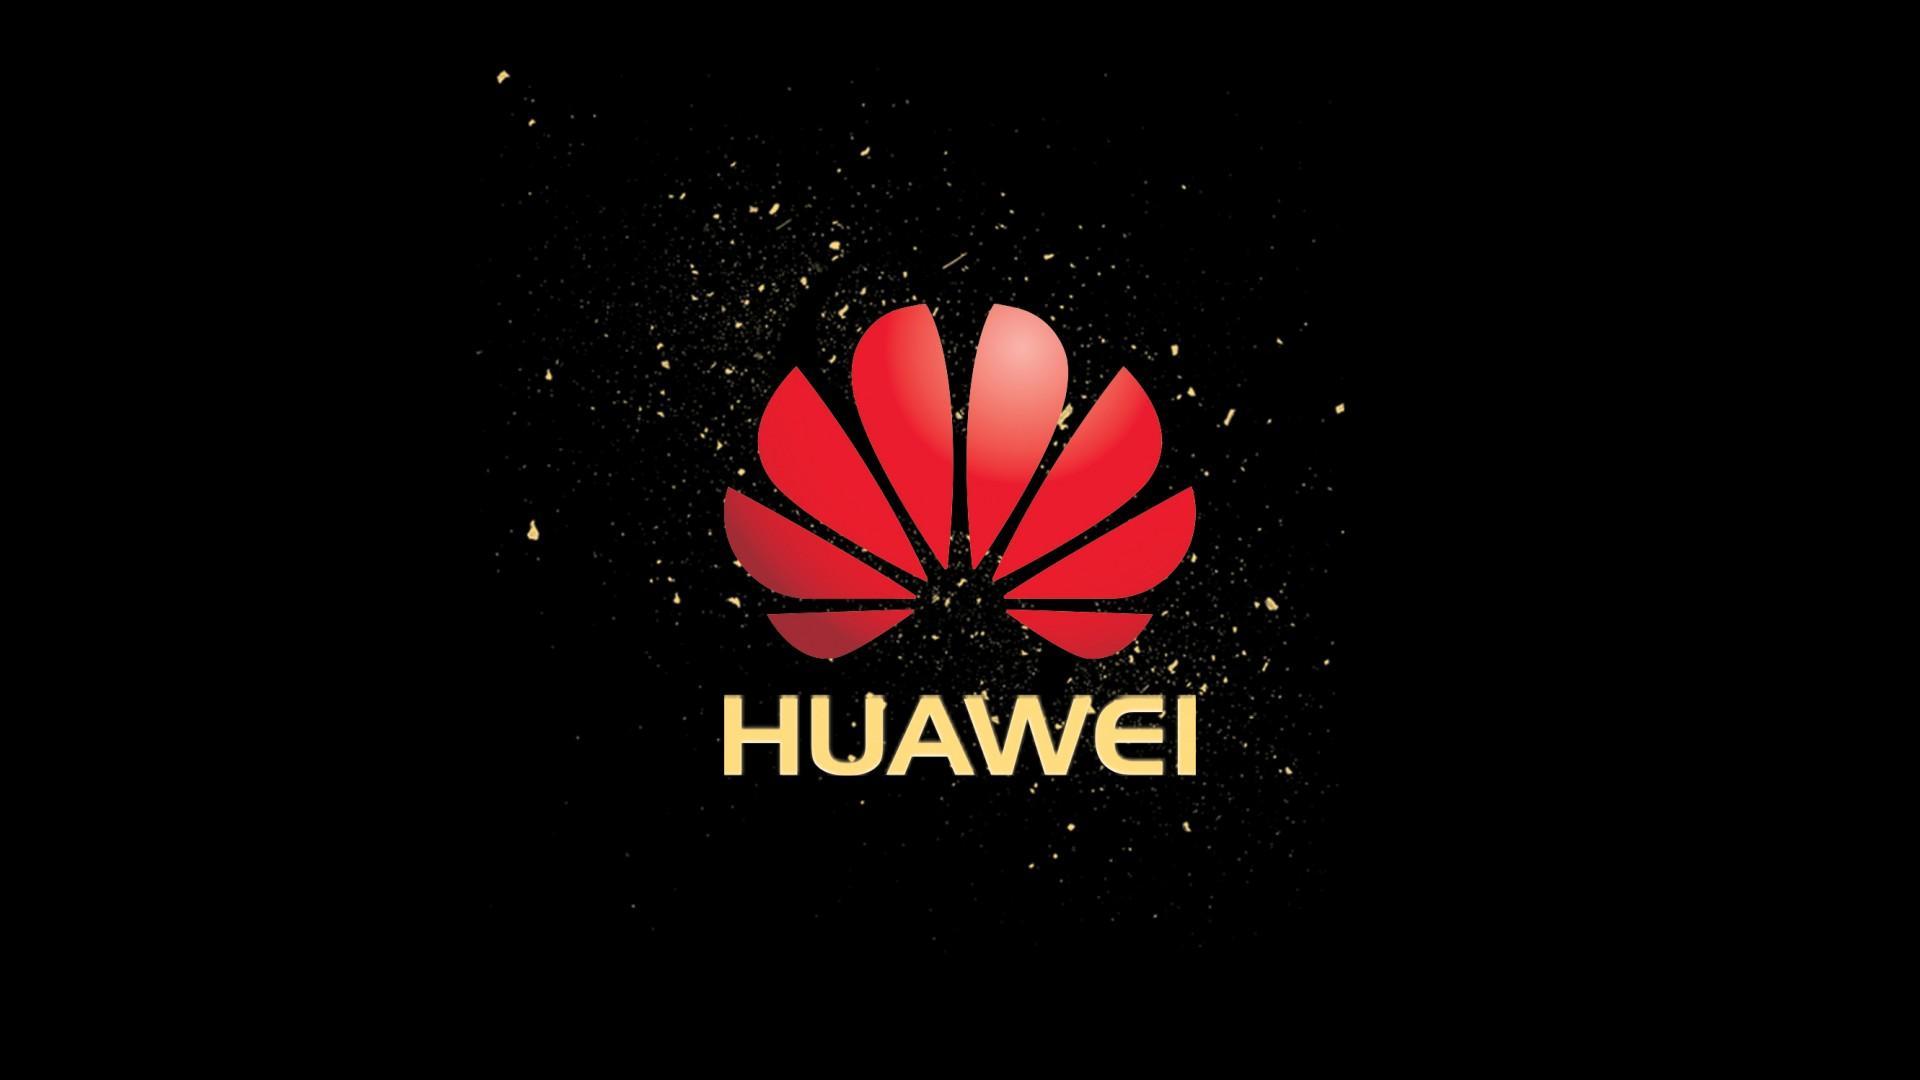 Huawei 20 лет: компания готова одаривать и проводить викторины